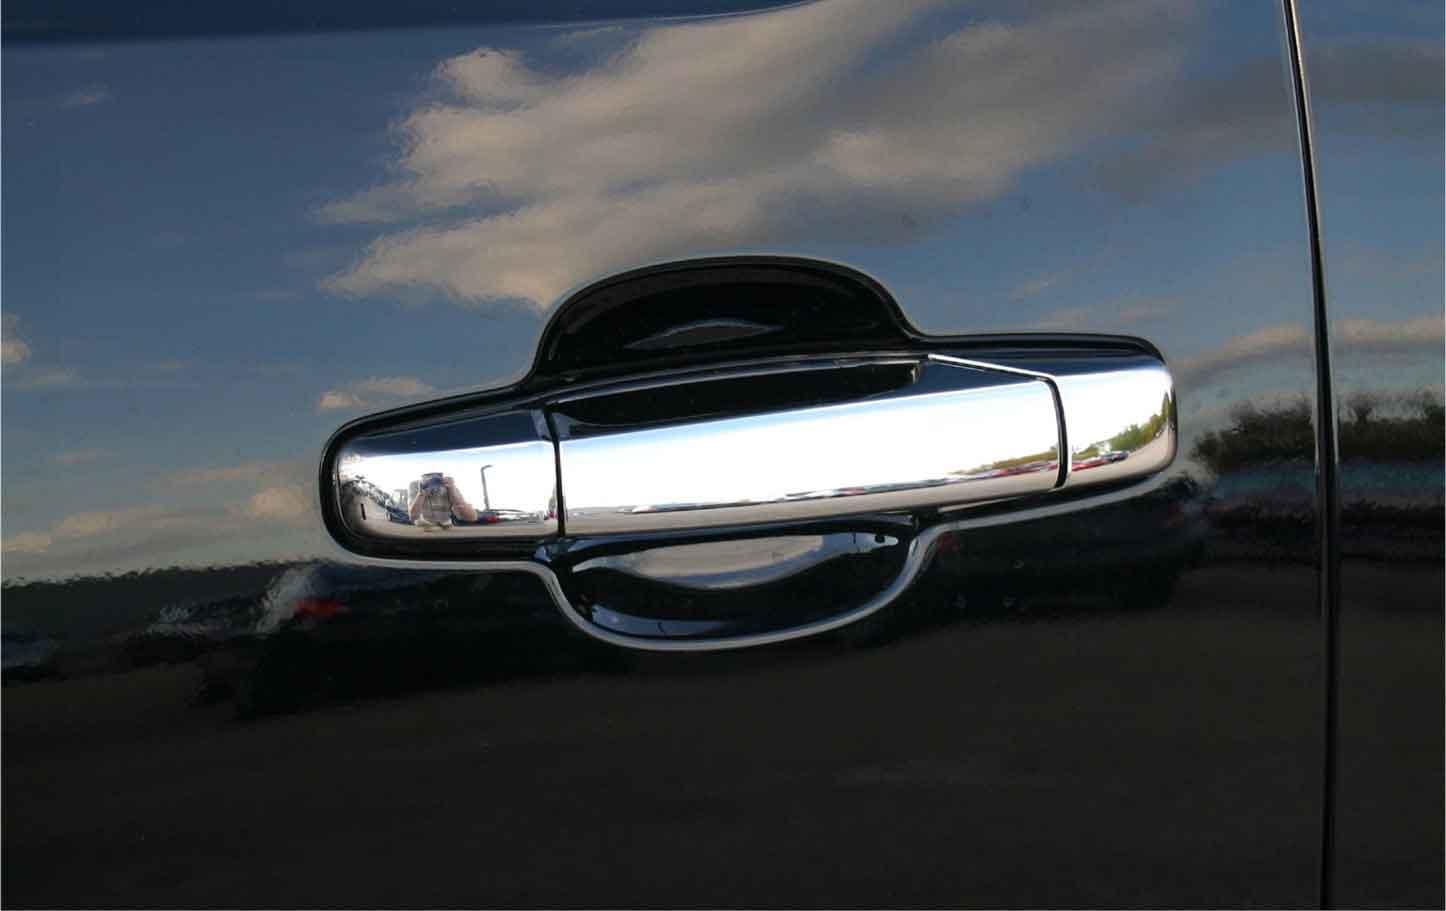 ... gmc yukon chrome door handle cover trim ... & GMC Yukon Chrome Door Handle / Mirror Cover Trim Package Pezcame.Com